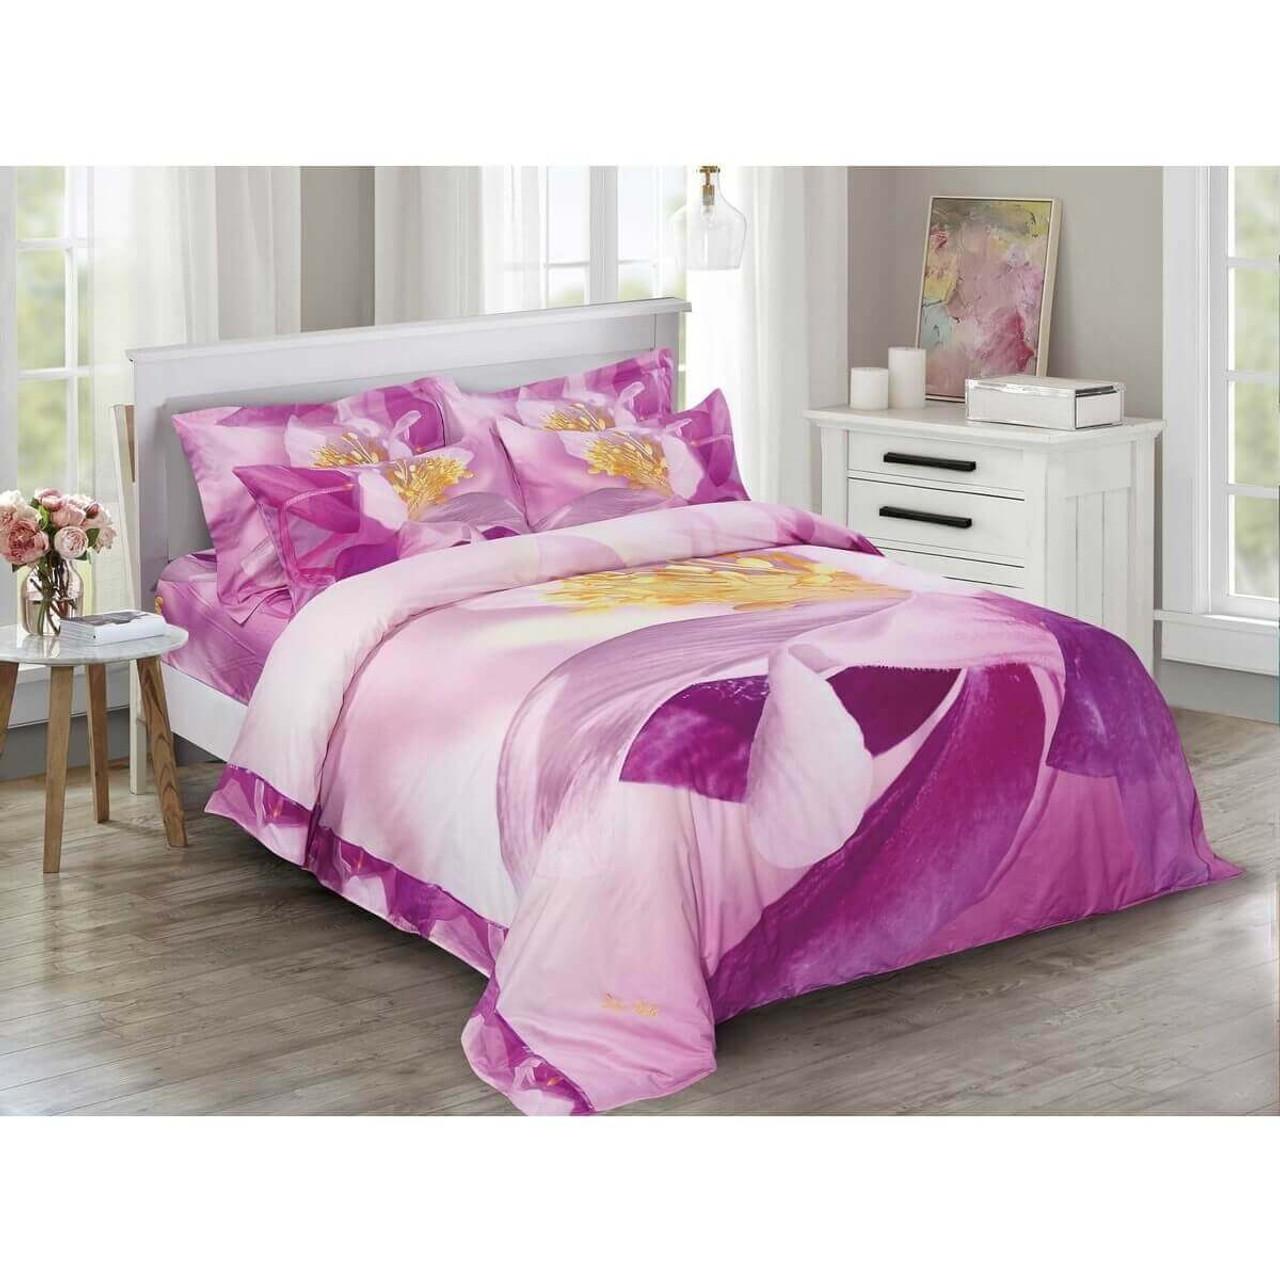 Floral Bedding, Dolce Mela - June DM703Q Dropship